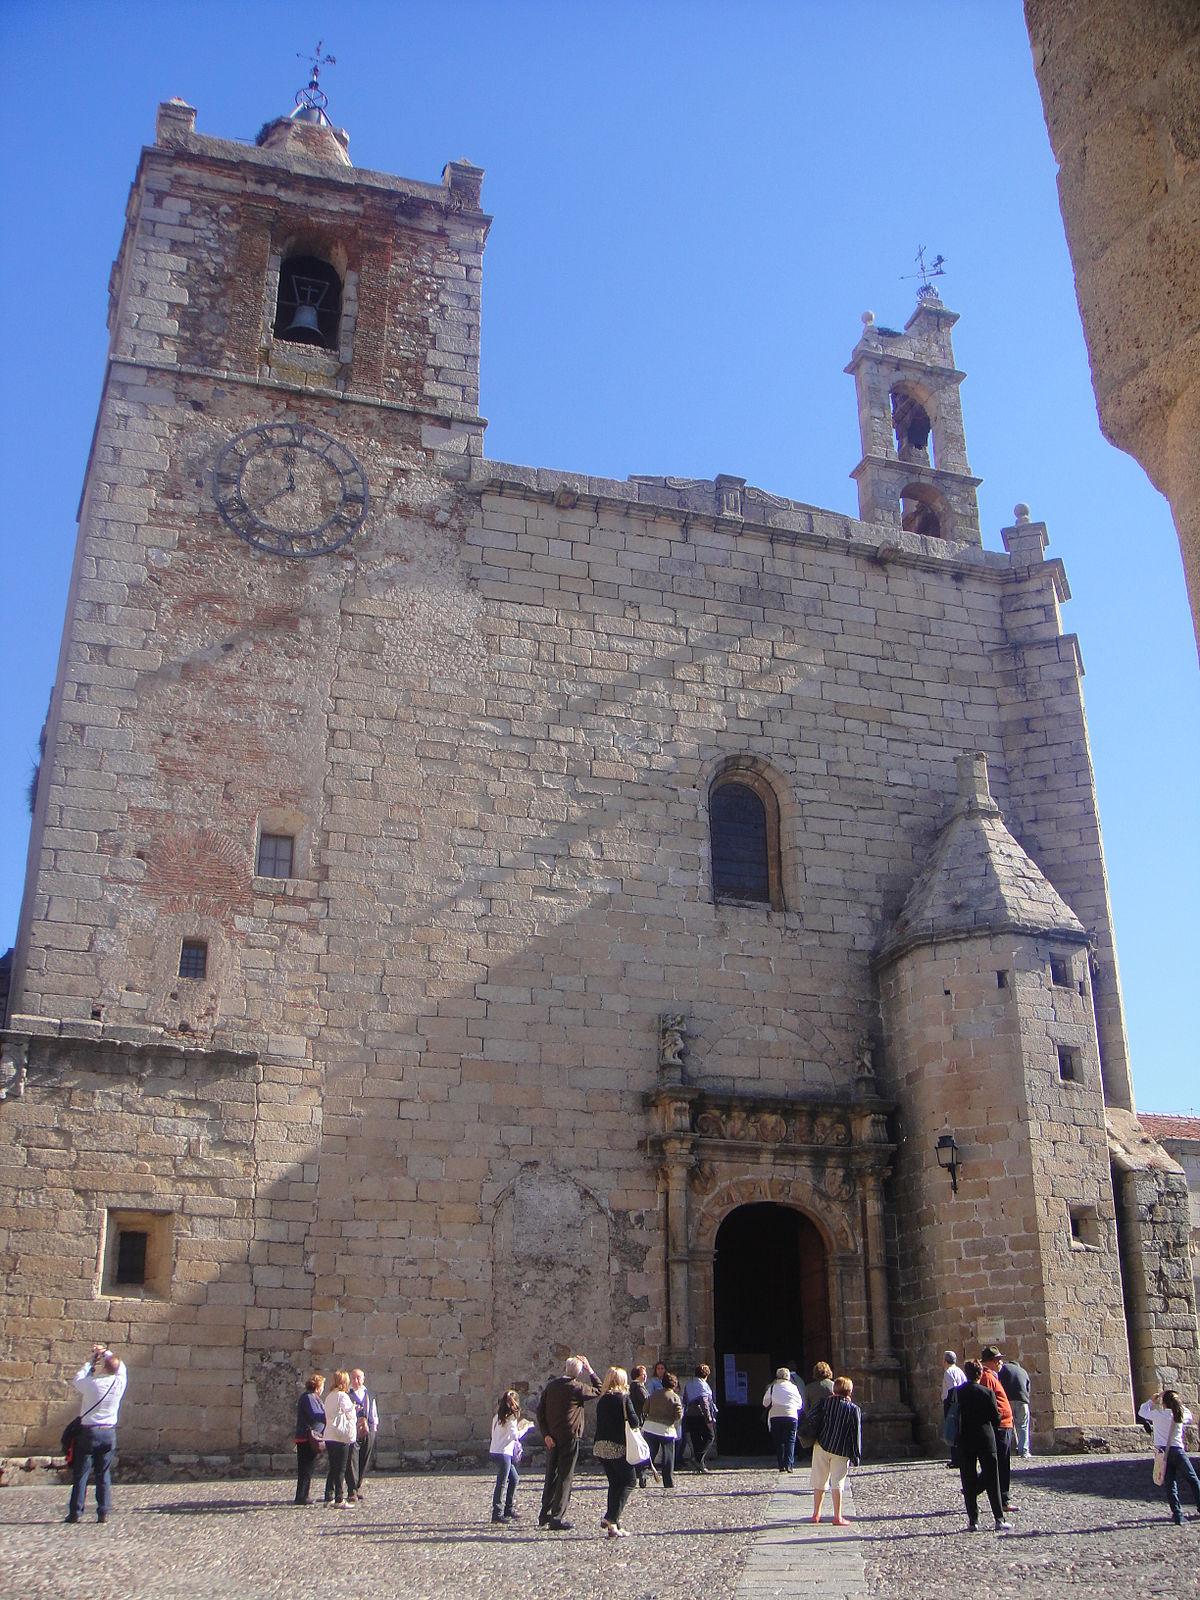 San Mateo Ca >> Iglesia de San Mateo (Cáceres) - Wikipedia, la enciclopedia libre